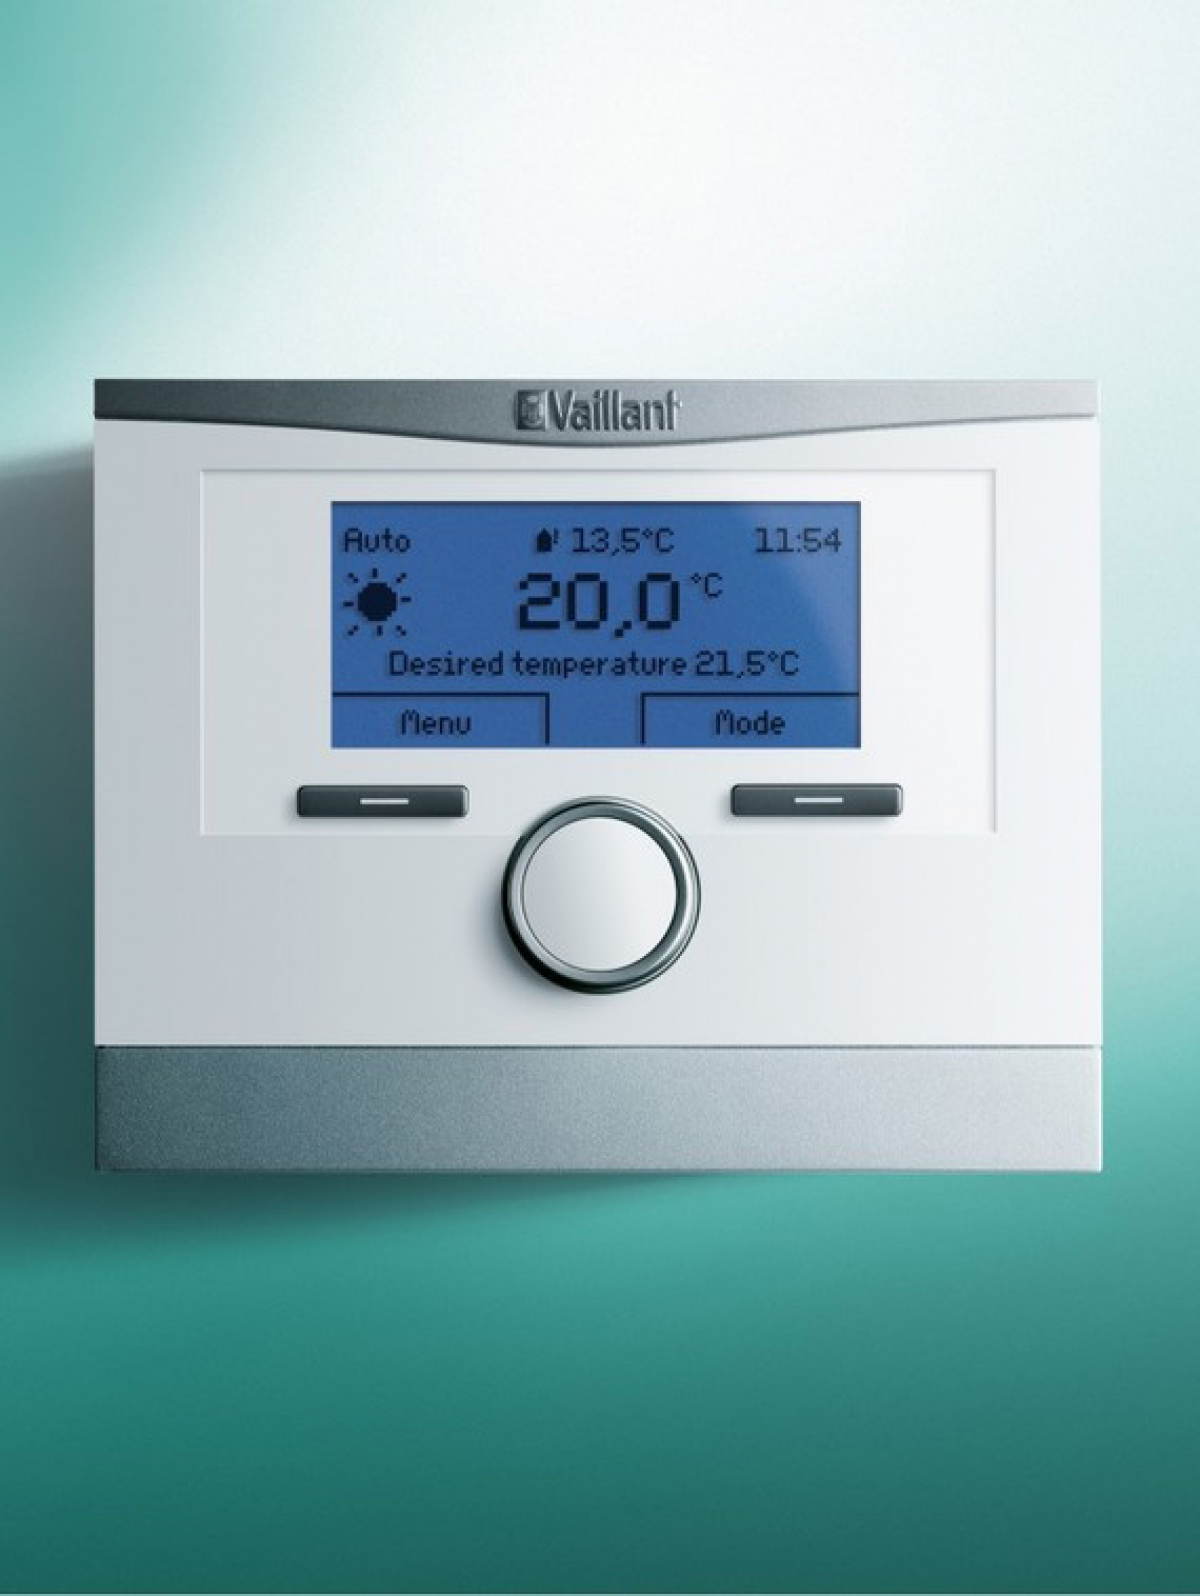 Régulateur climatique connecté mutliMATIC VRC 700 - VAILLANT